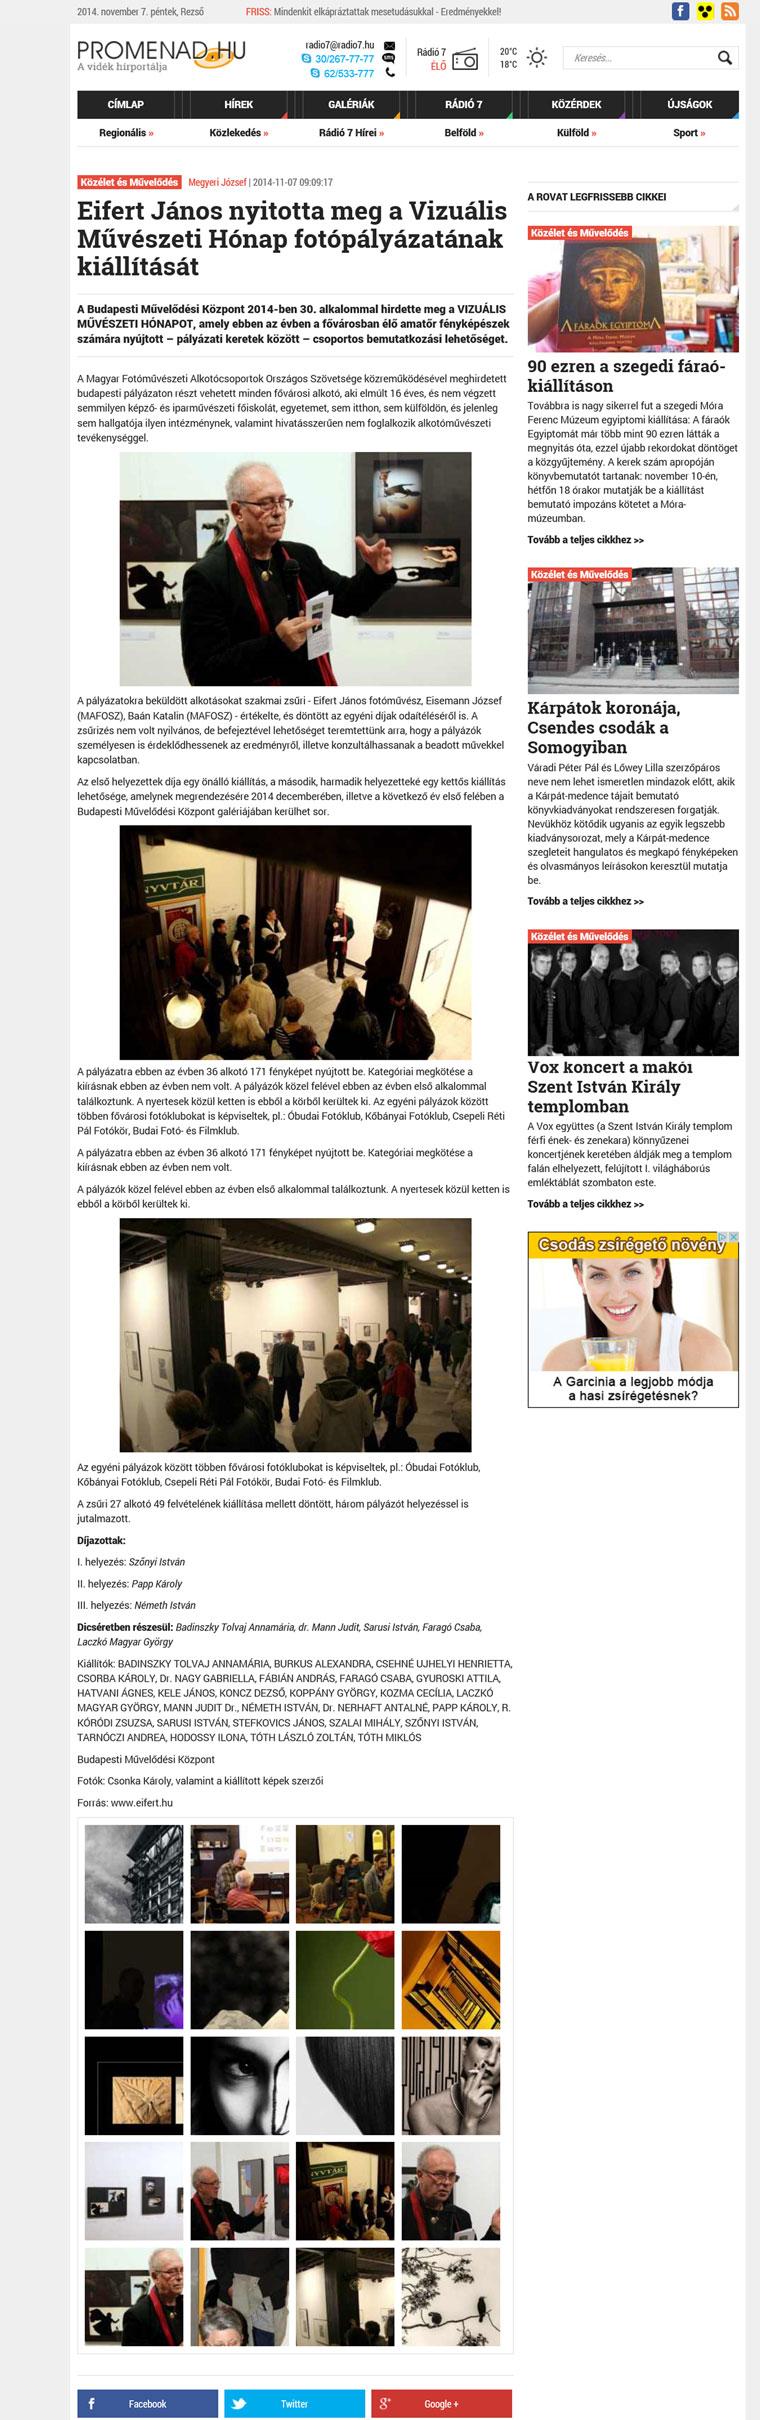 2014.11.07.-Promenad.hu